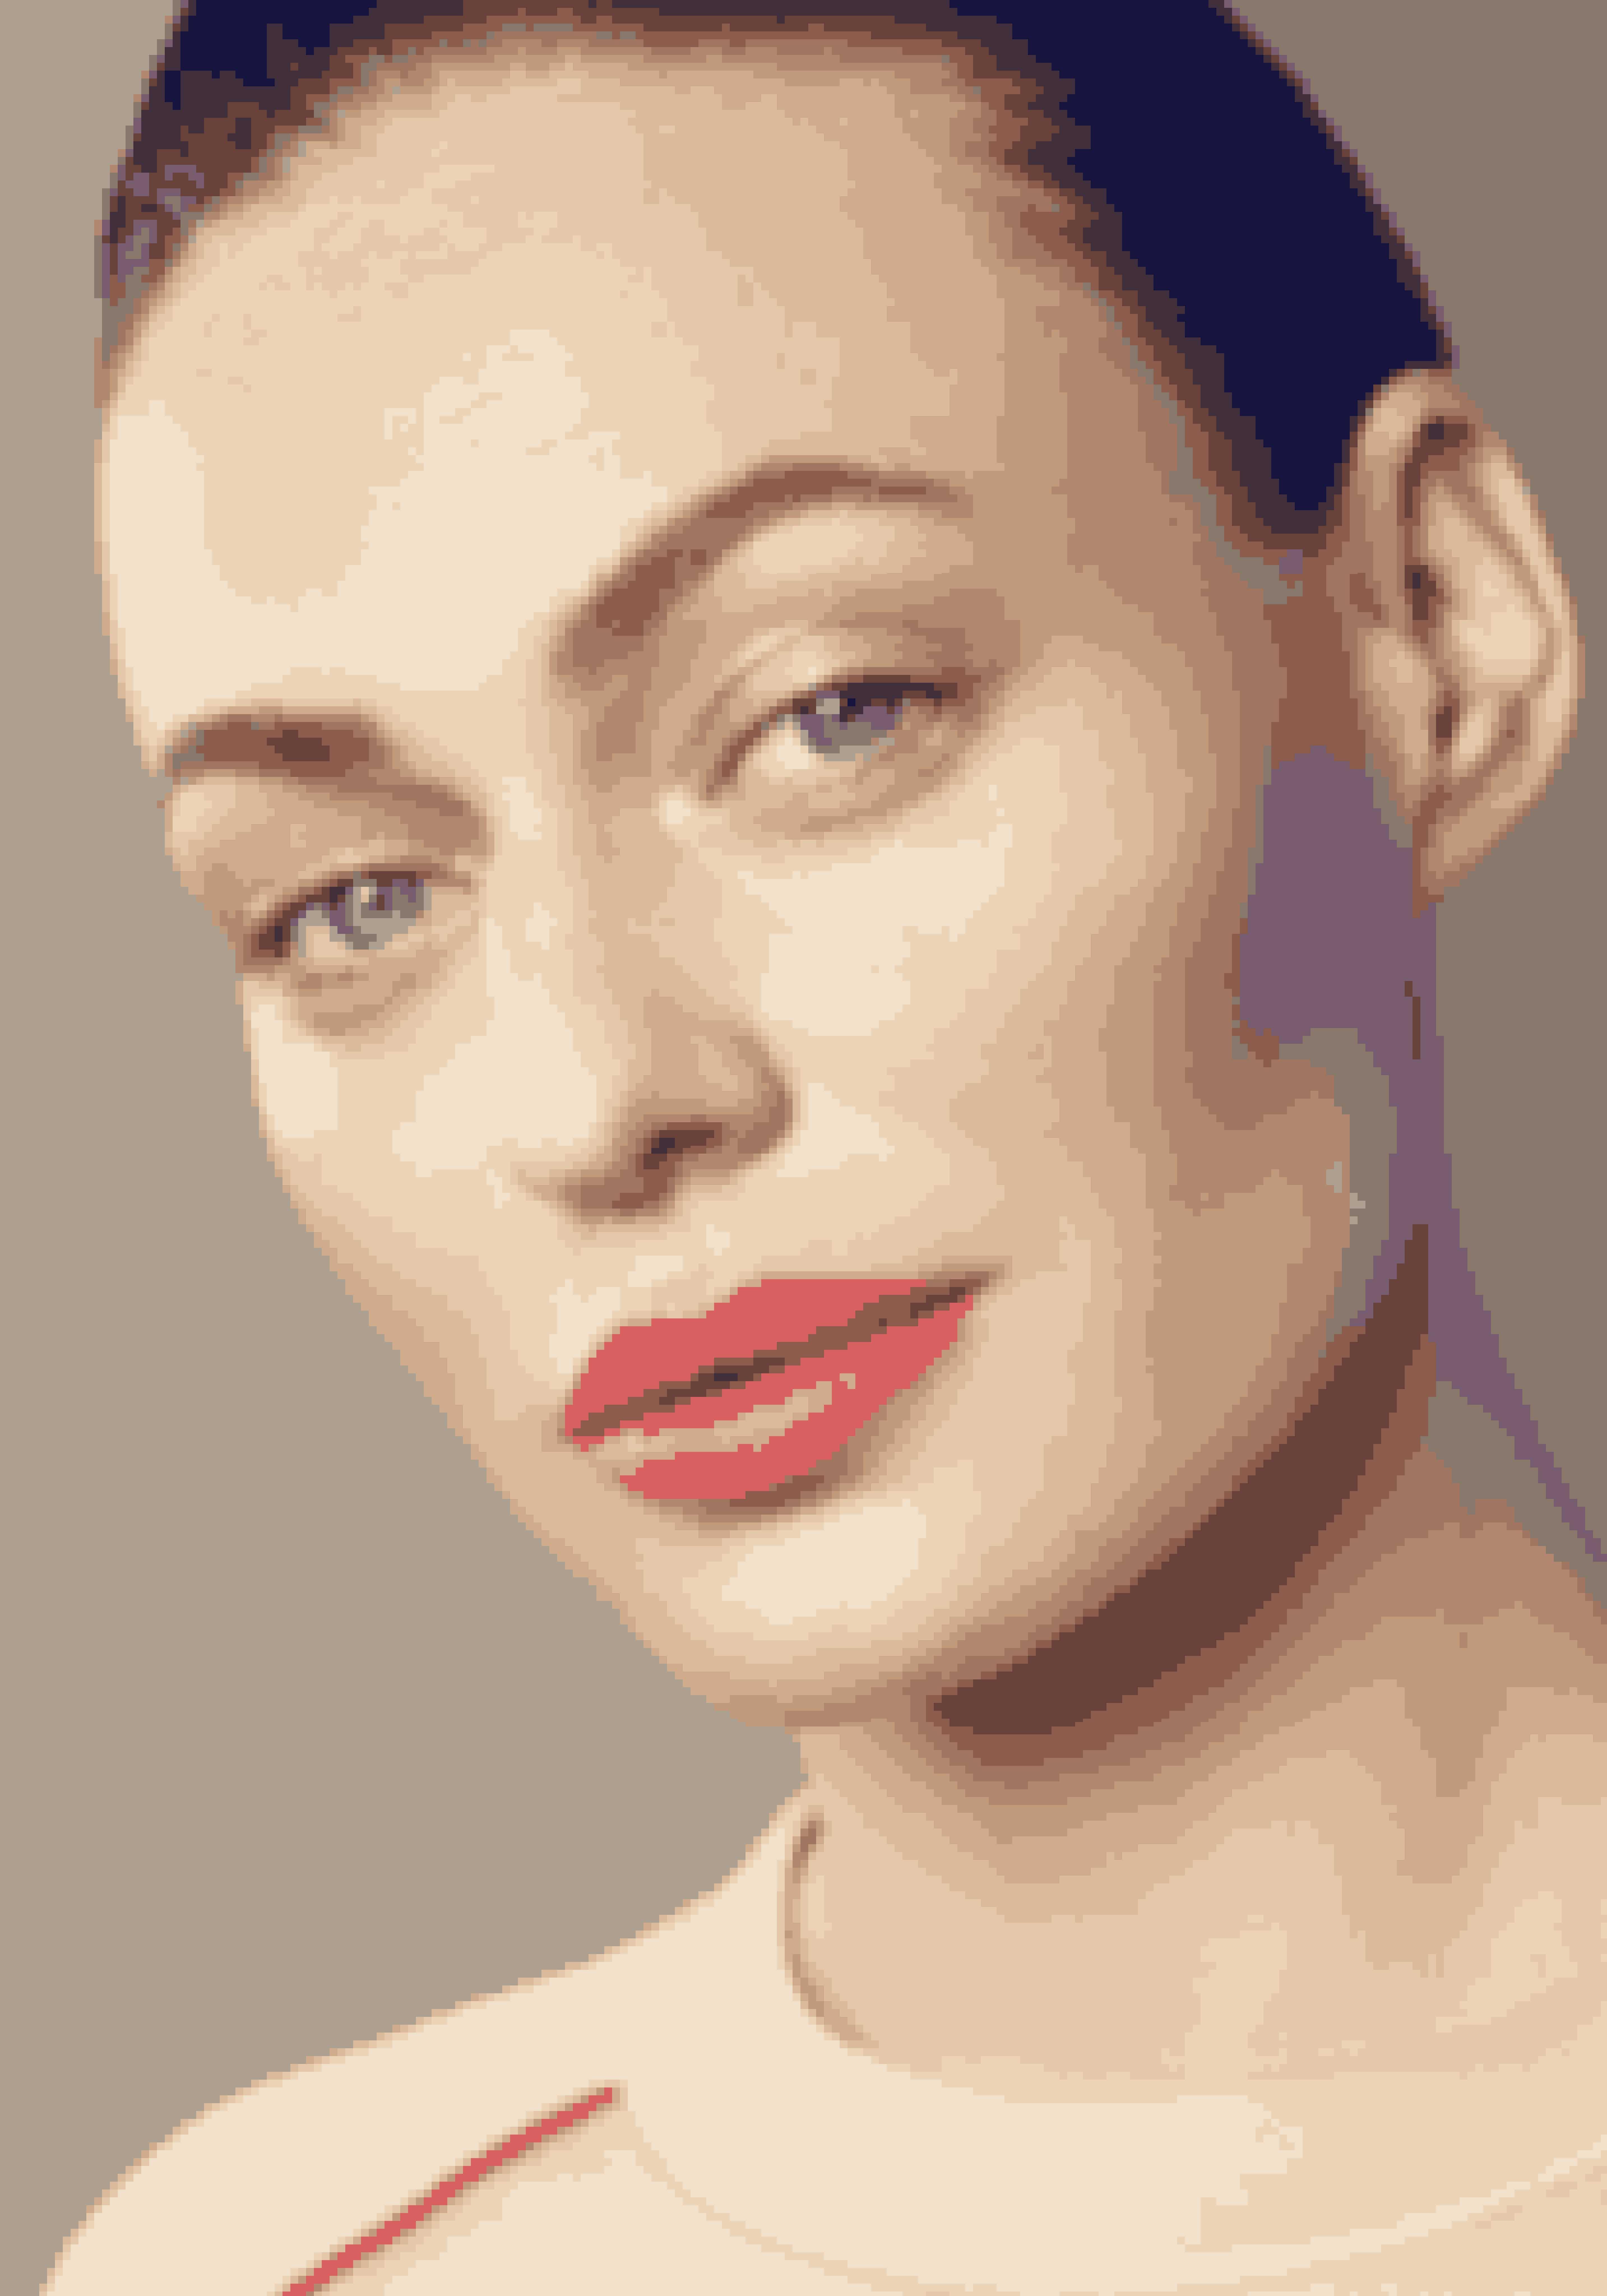 Denne sæson handler om læber, når det gælder makeup. Shiny og glossy som hos Chanel eller matte som bl.a. YSL på catwalken. Vi kommer hele bærfarve-skalaen rundt. Hvis du vil undgå at være for makeuppet med dine iøjnefaldende læber, så lad resten af dit look være neutralt. Det giver et flot, stilrent look.